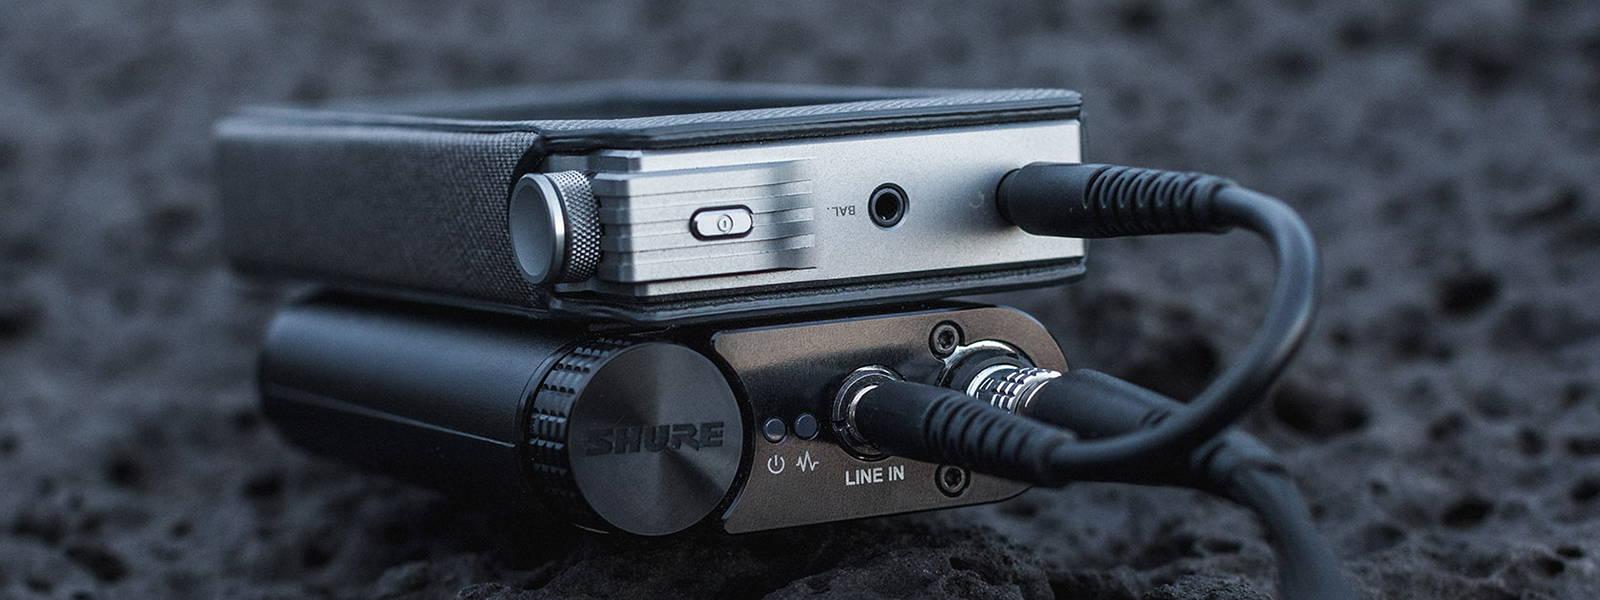 Shure KSE1200 with Astell&Kern AK120 MKii DAP